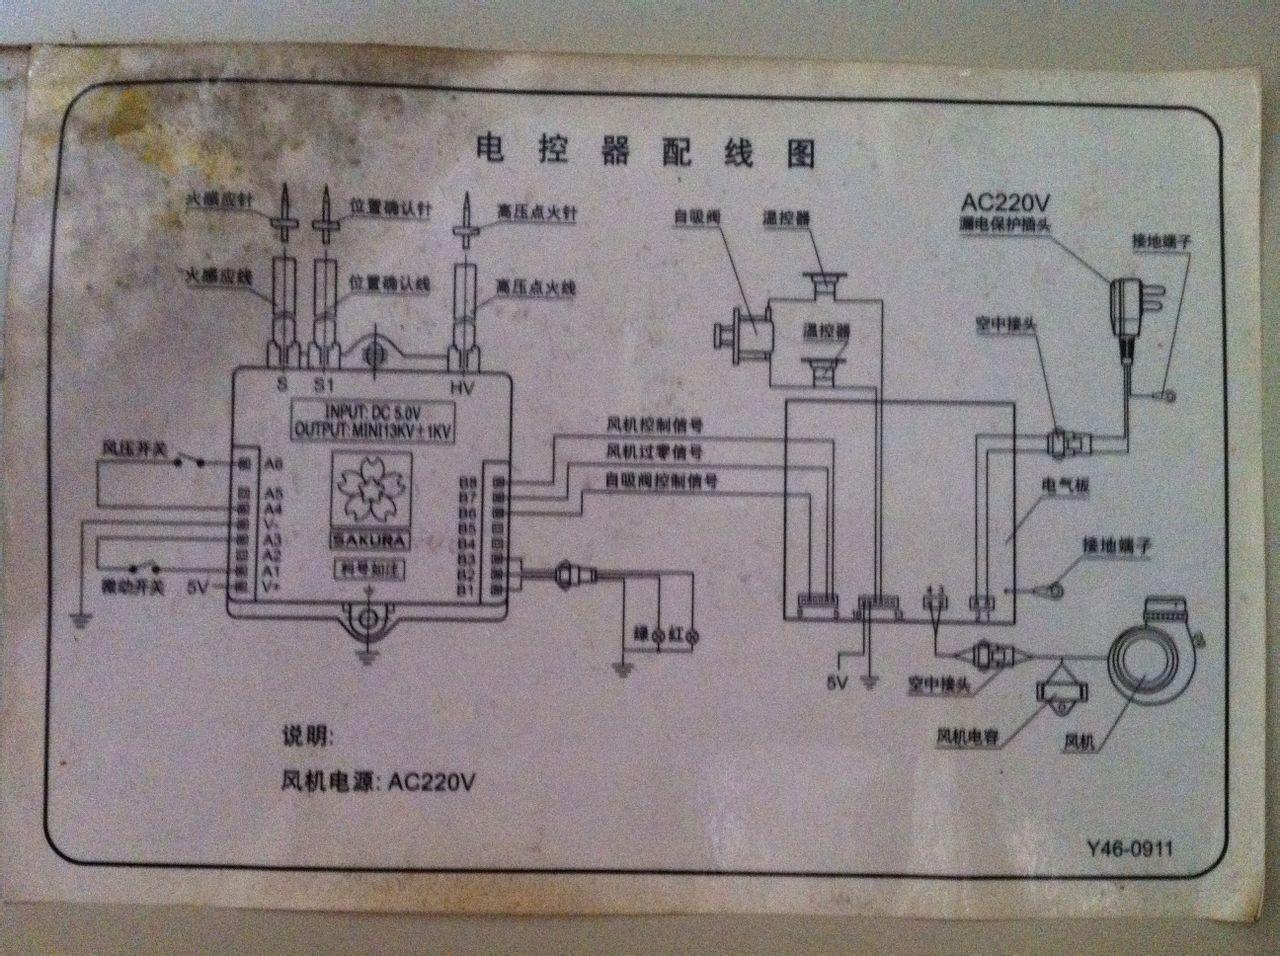 老式樱花热水器(樱花强排式燃气热水器不用电池的),最近点火老不正常图片